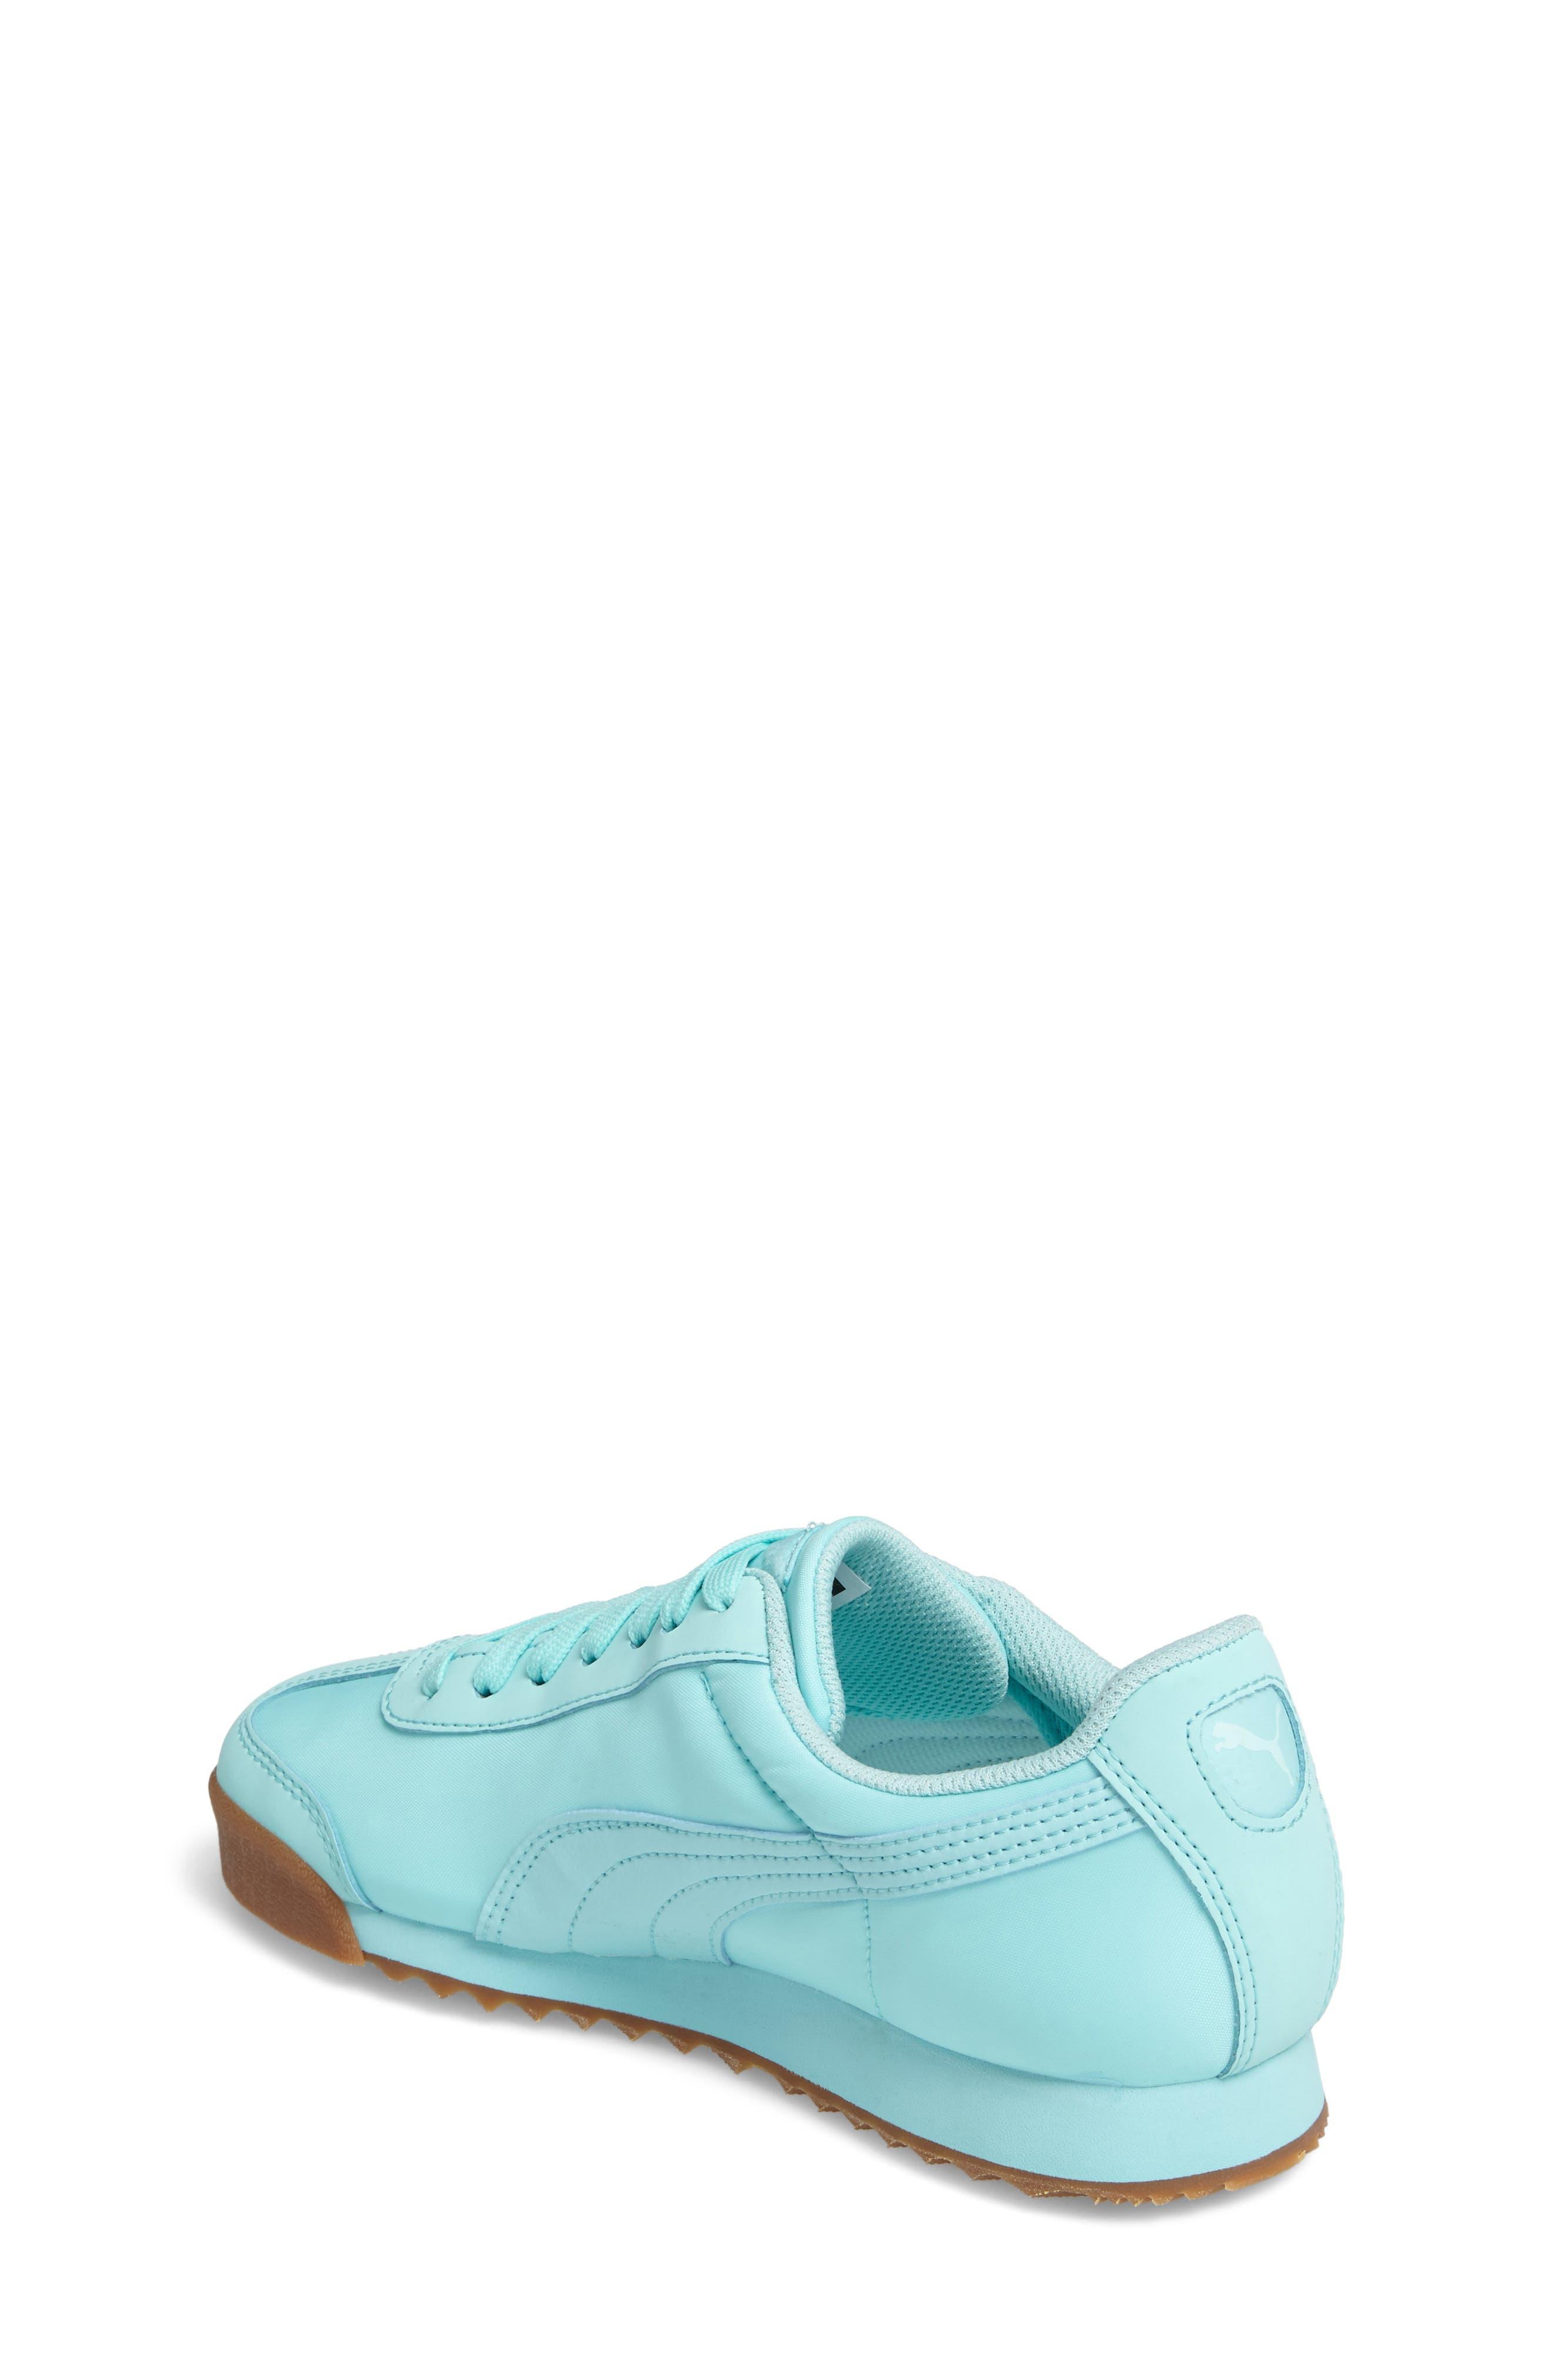 Roma Basic Summer Sneaker,                             Alternate thumbnail 2, color,                             400